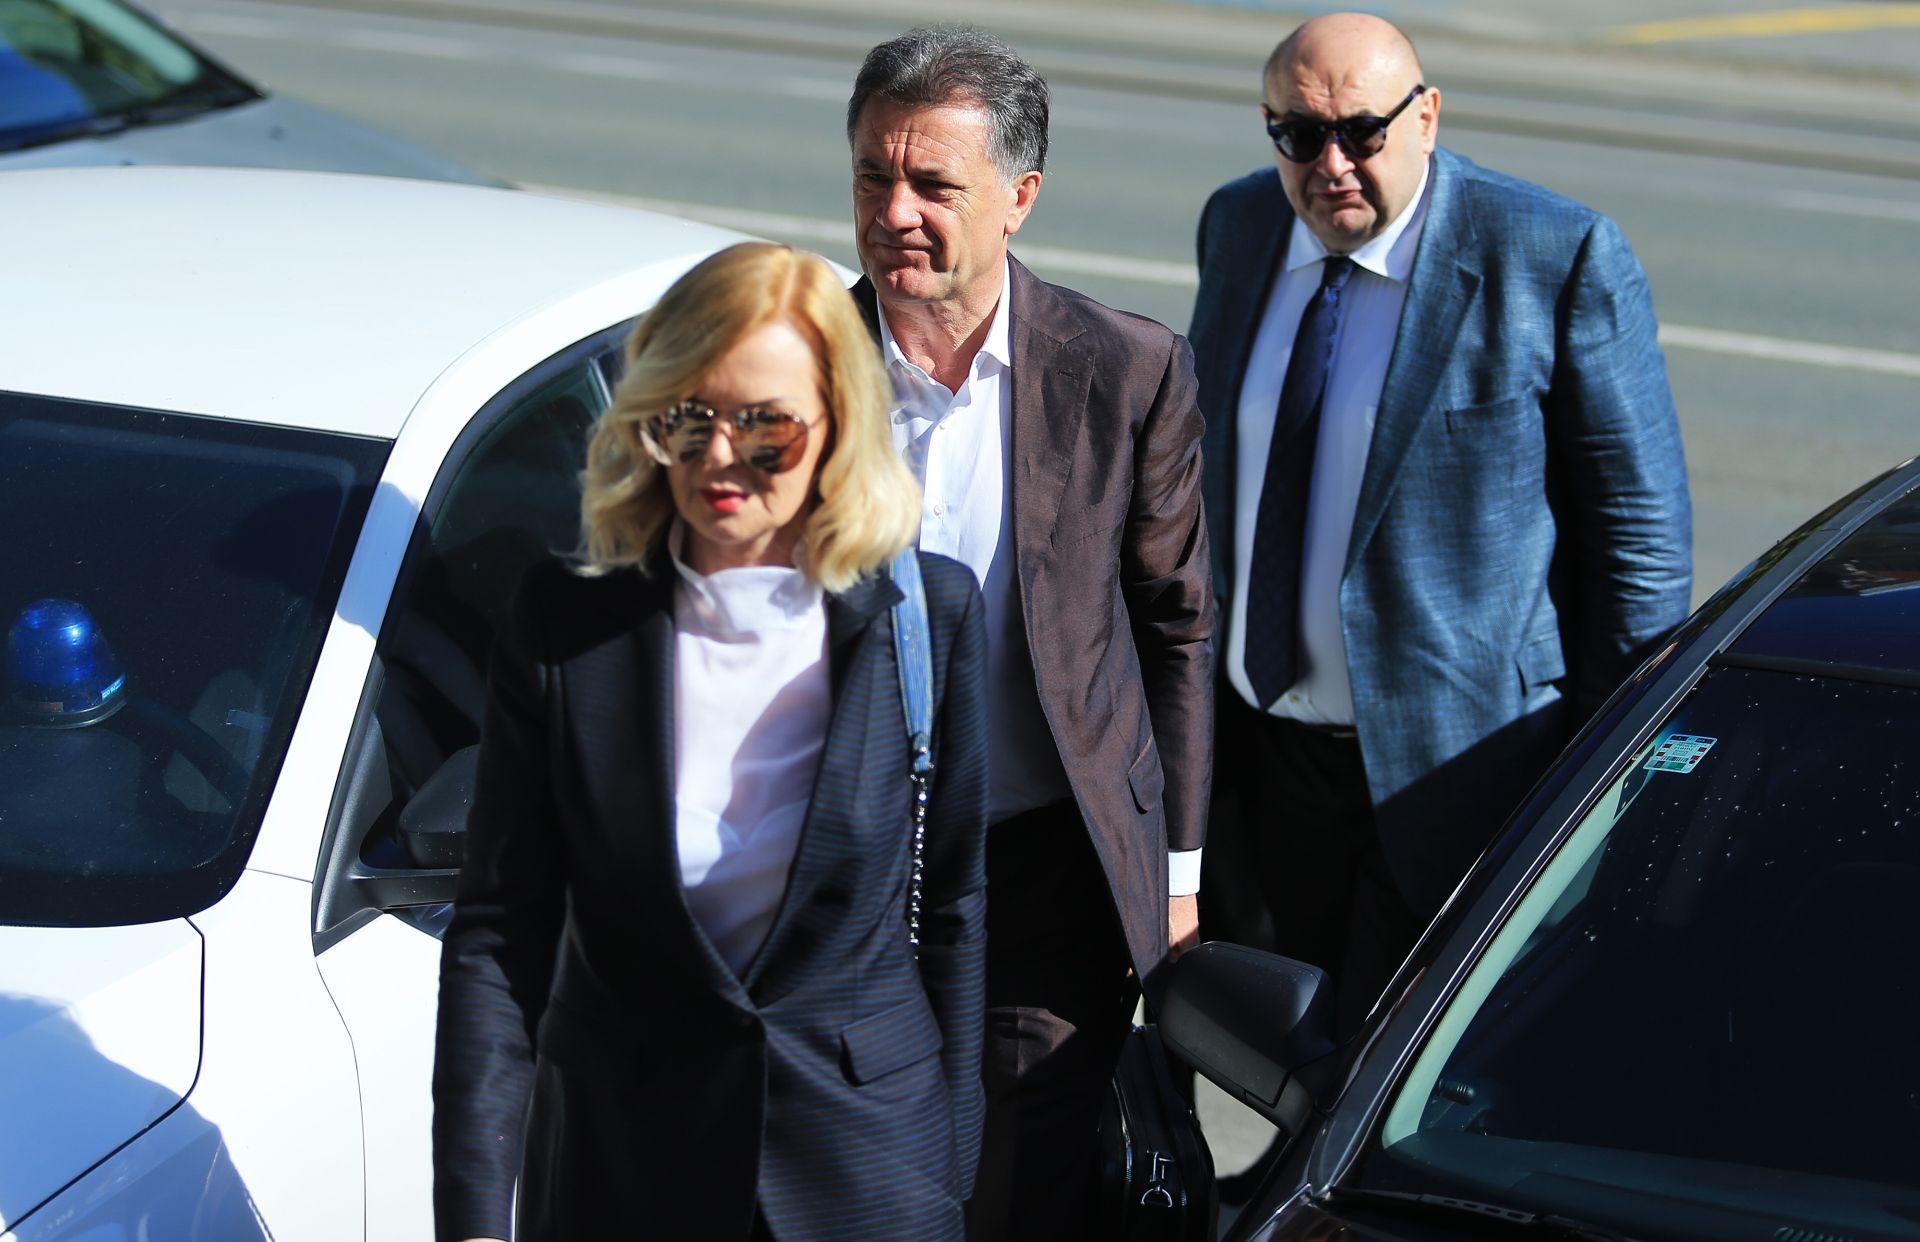 MEĐUNARODNA POMOĆ: Državno odvjetništvo i Švicarci provjeravaju Mamića